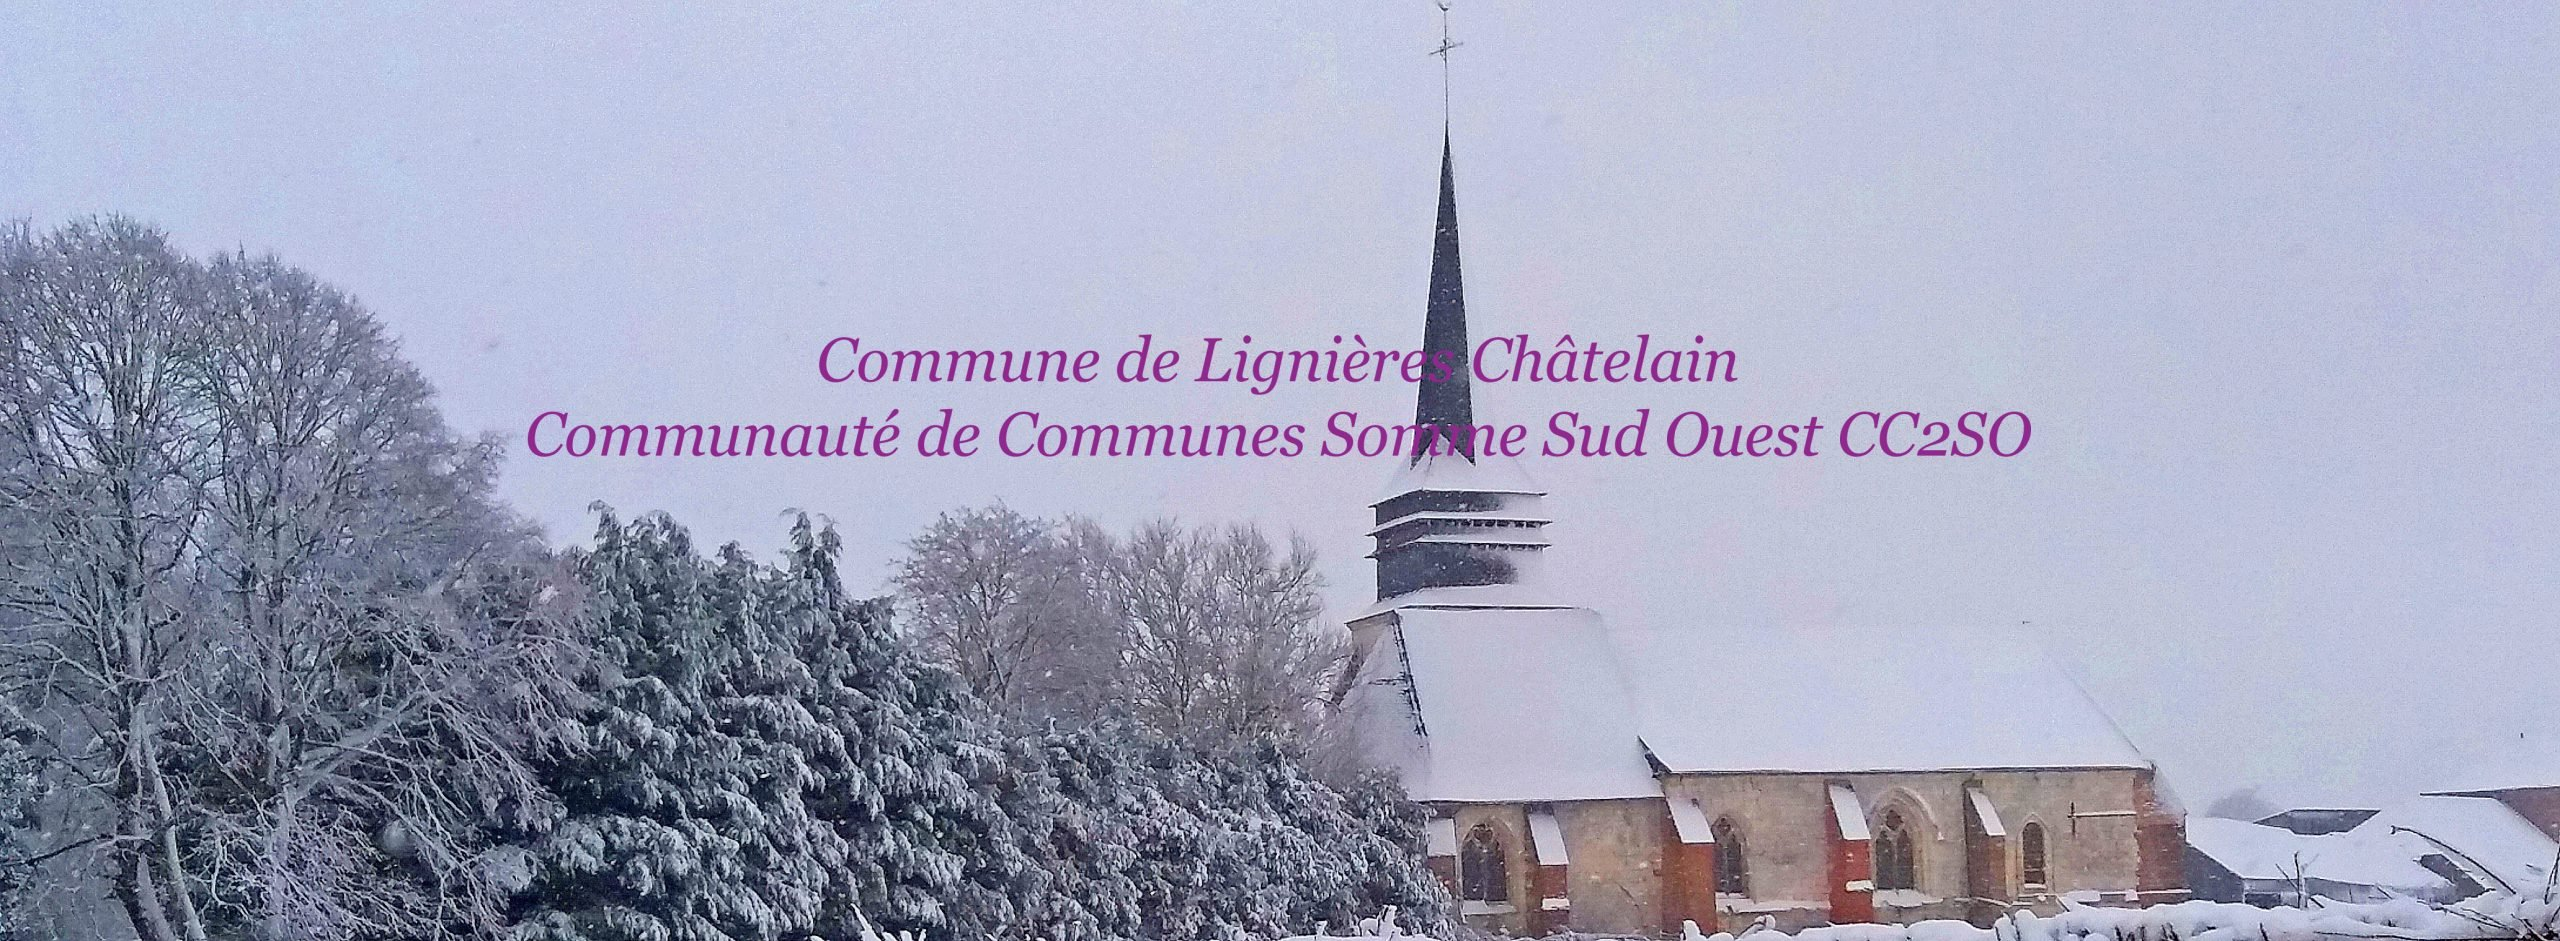 Lignières-Châtelain